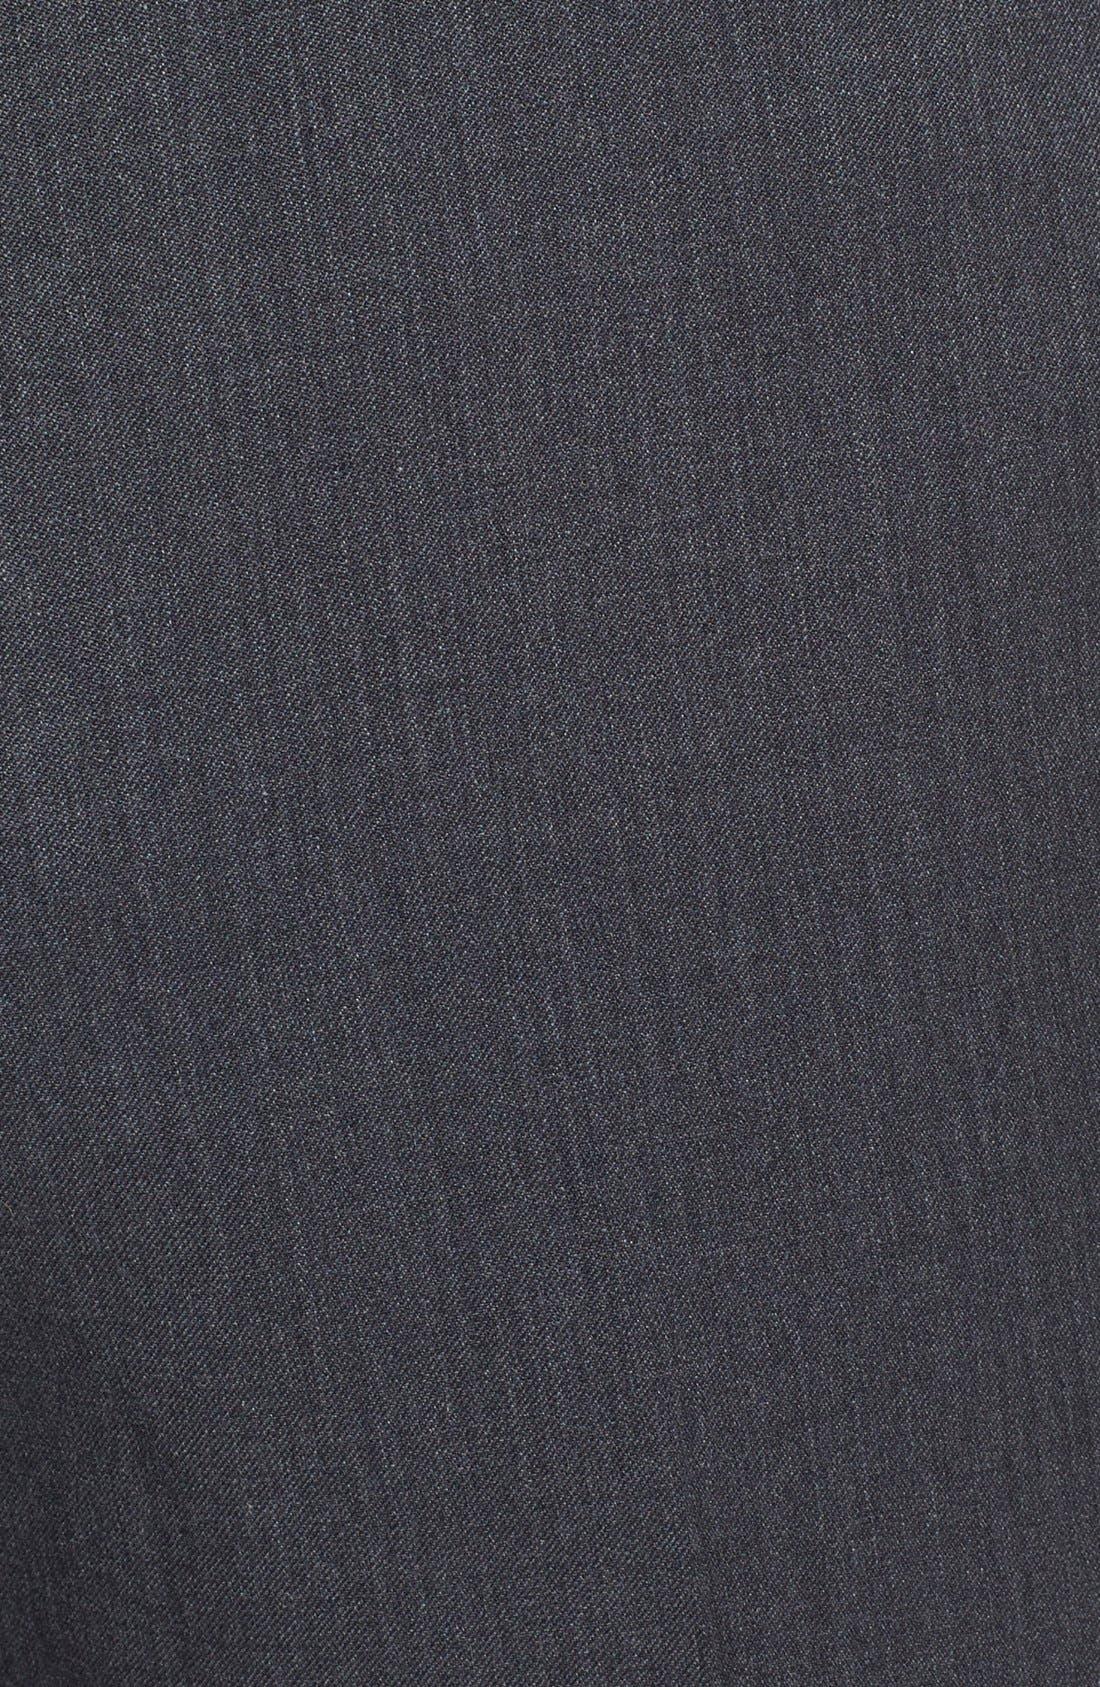 Gab Trim Fit Flat Front Pants,                             Alternate thumbnail 8, color,                             002